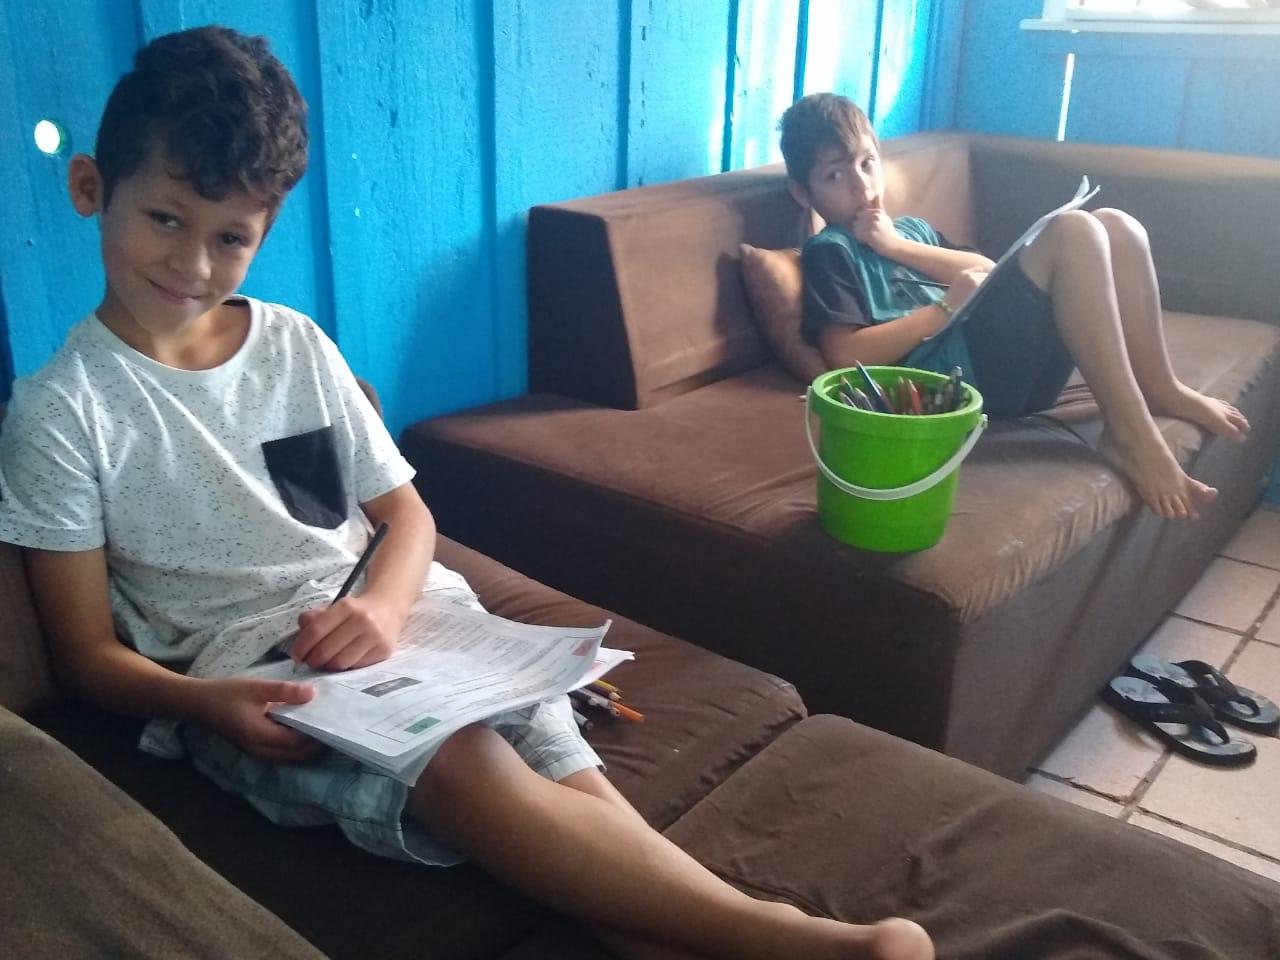 Os gêmeos Wallison e Marcos Matheus: dificuldades para ler e escrever